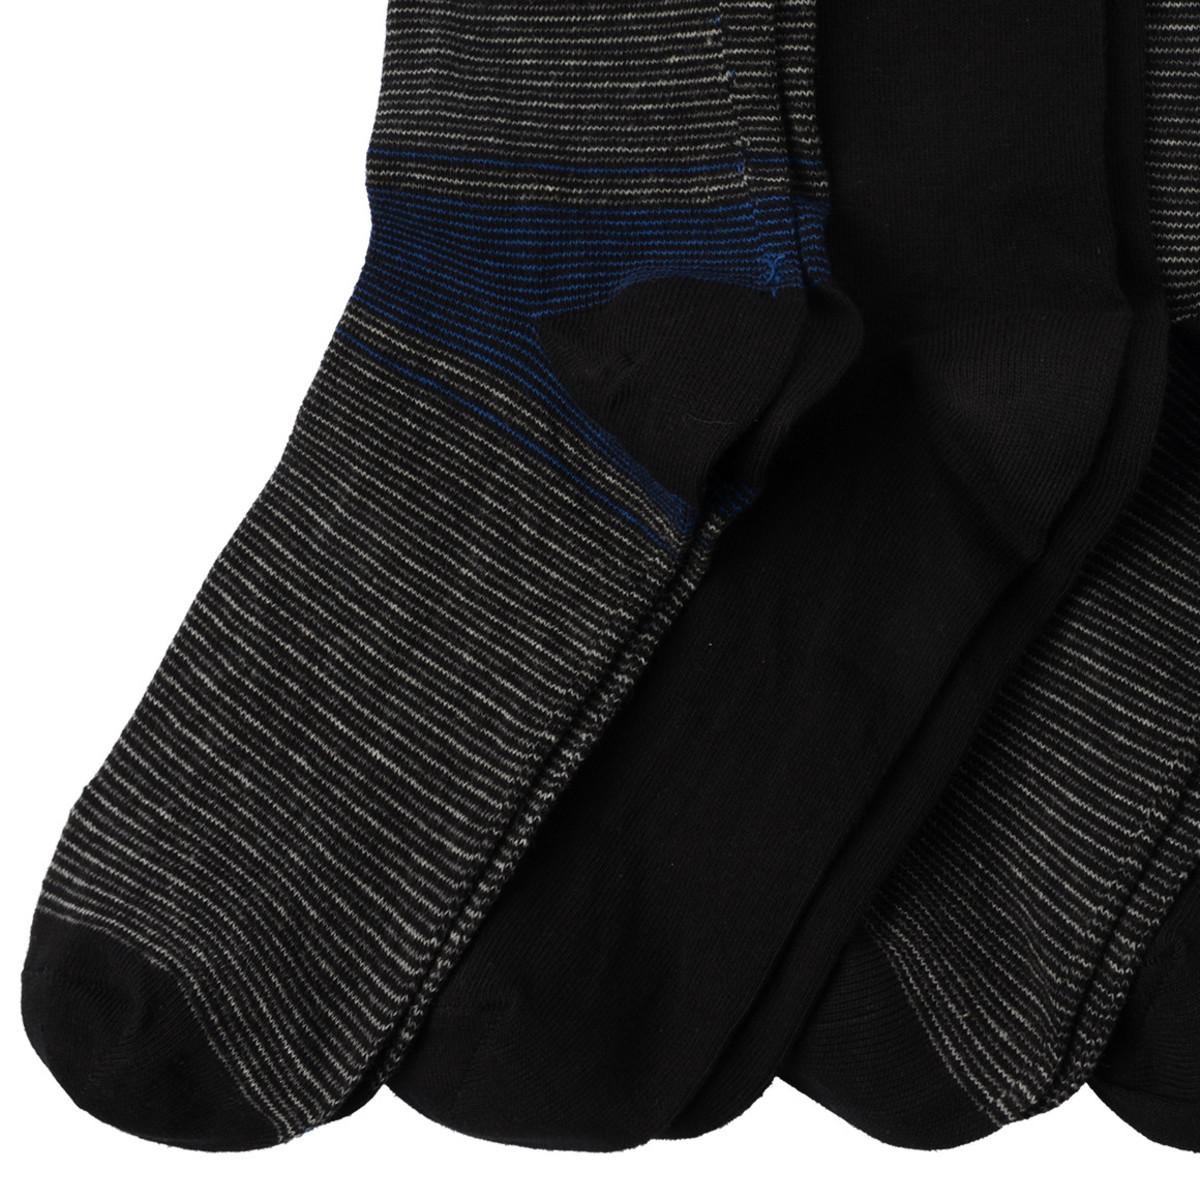 Bild 3 von 5 Paar Herren Socken im Set